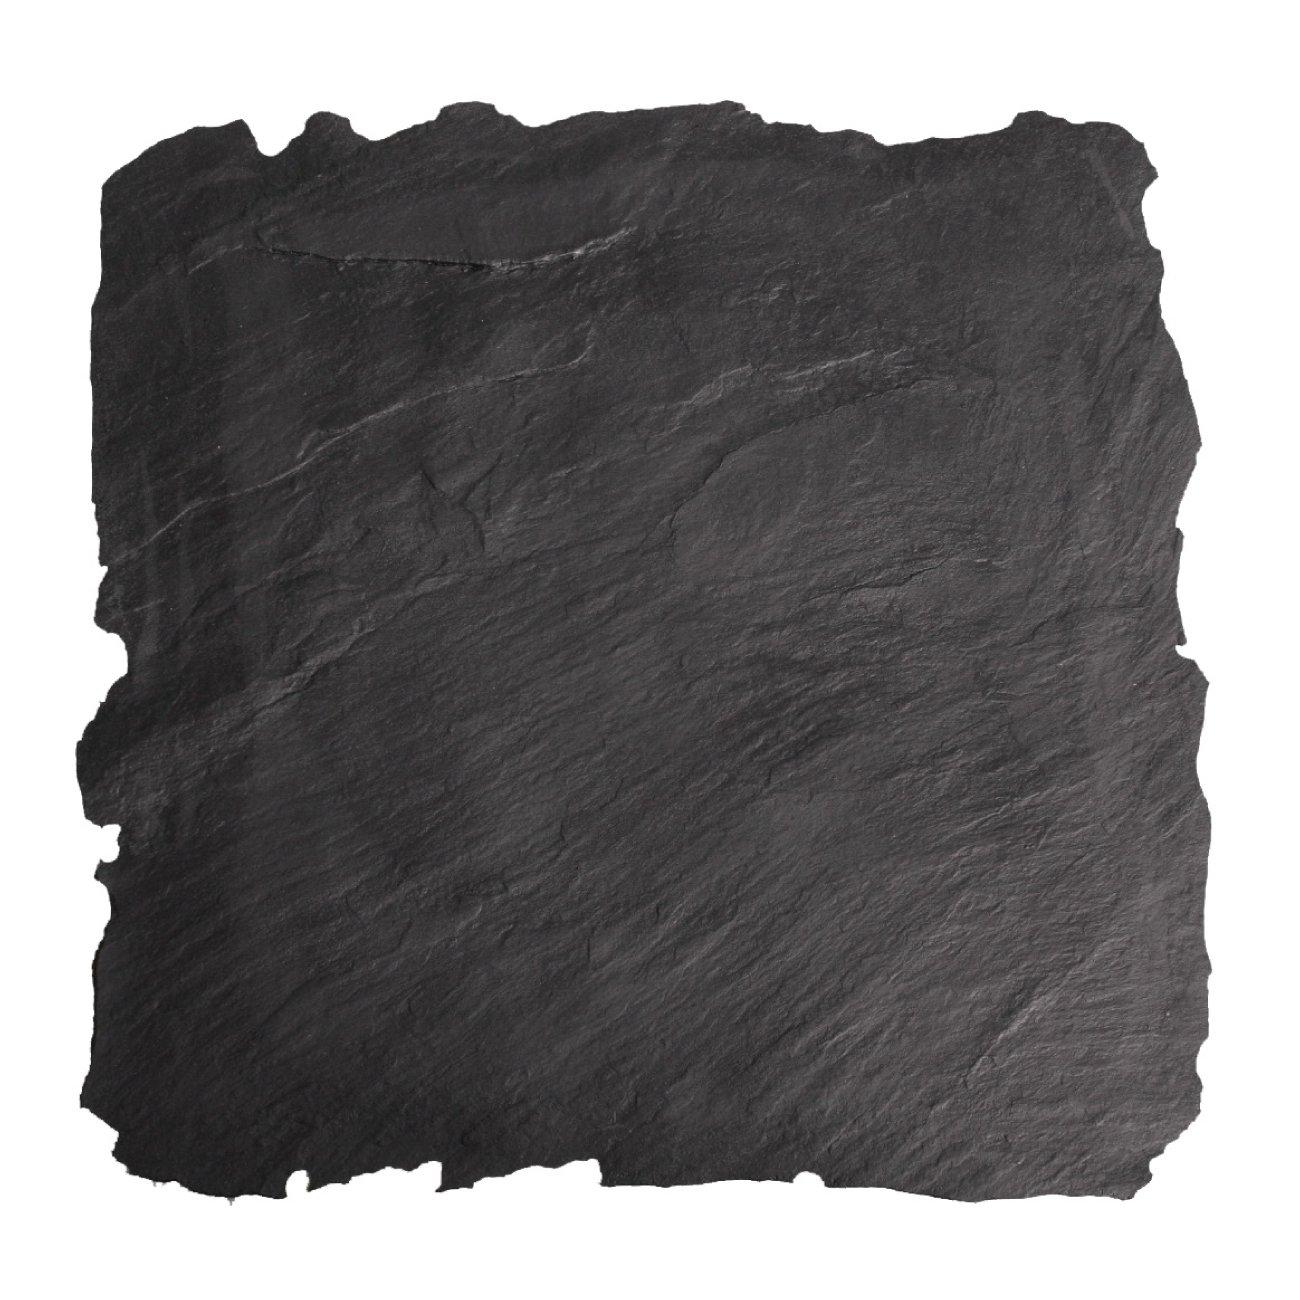 ライトスレートスタンプ(黒)90�×90�